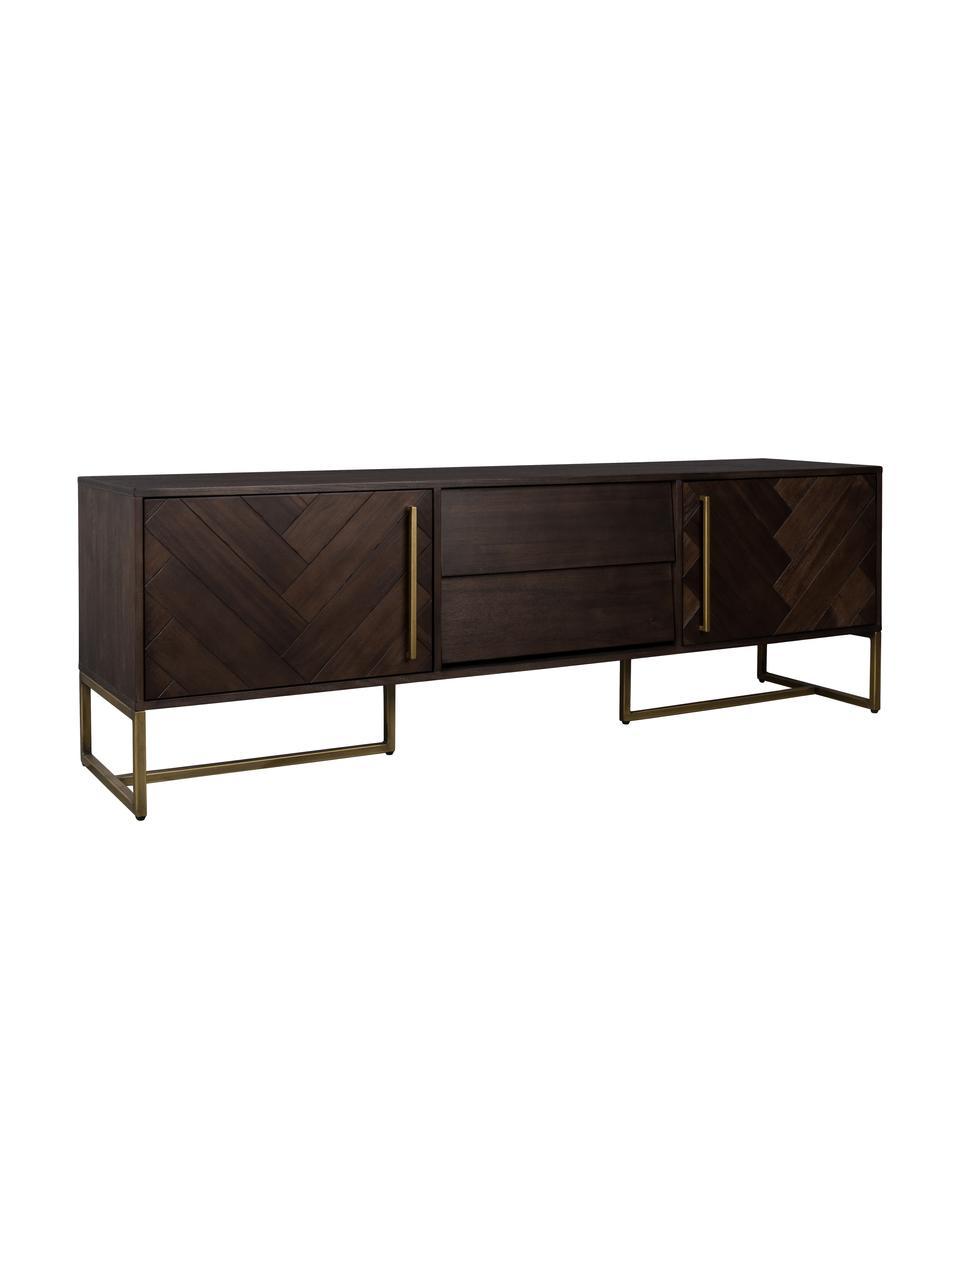 Credenza bassa con finitura in acacia Class, Corpo: marrone Piedini e maniglie: ottone, Larg. 180 x Alt. 60 cm